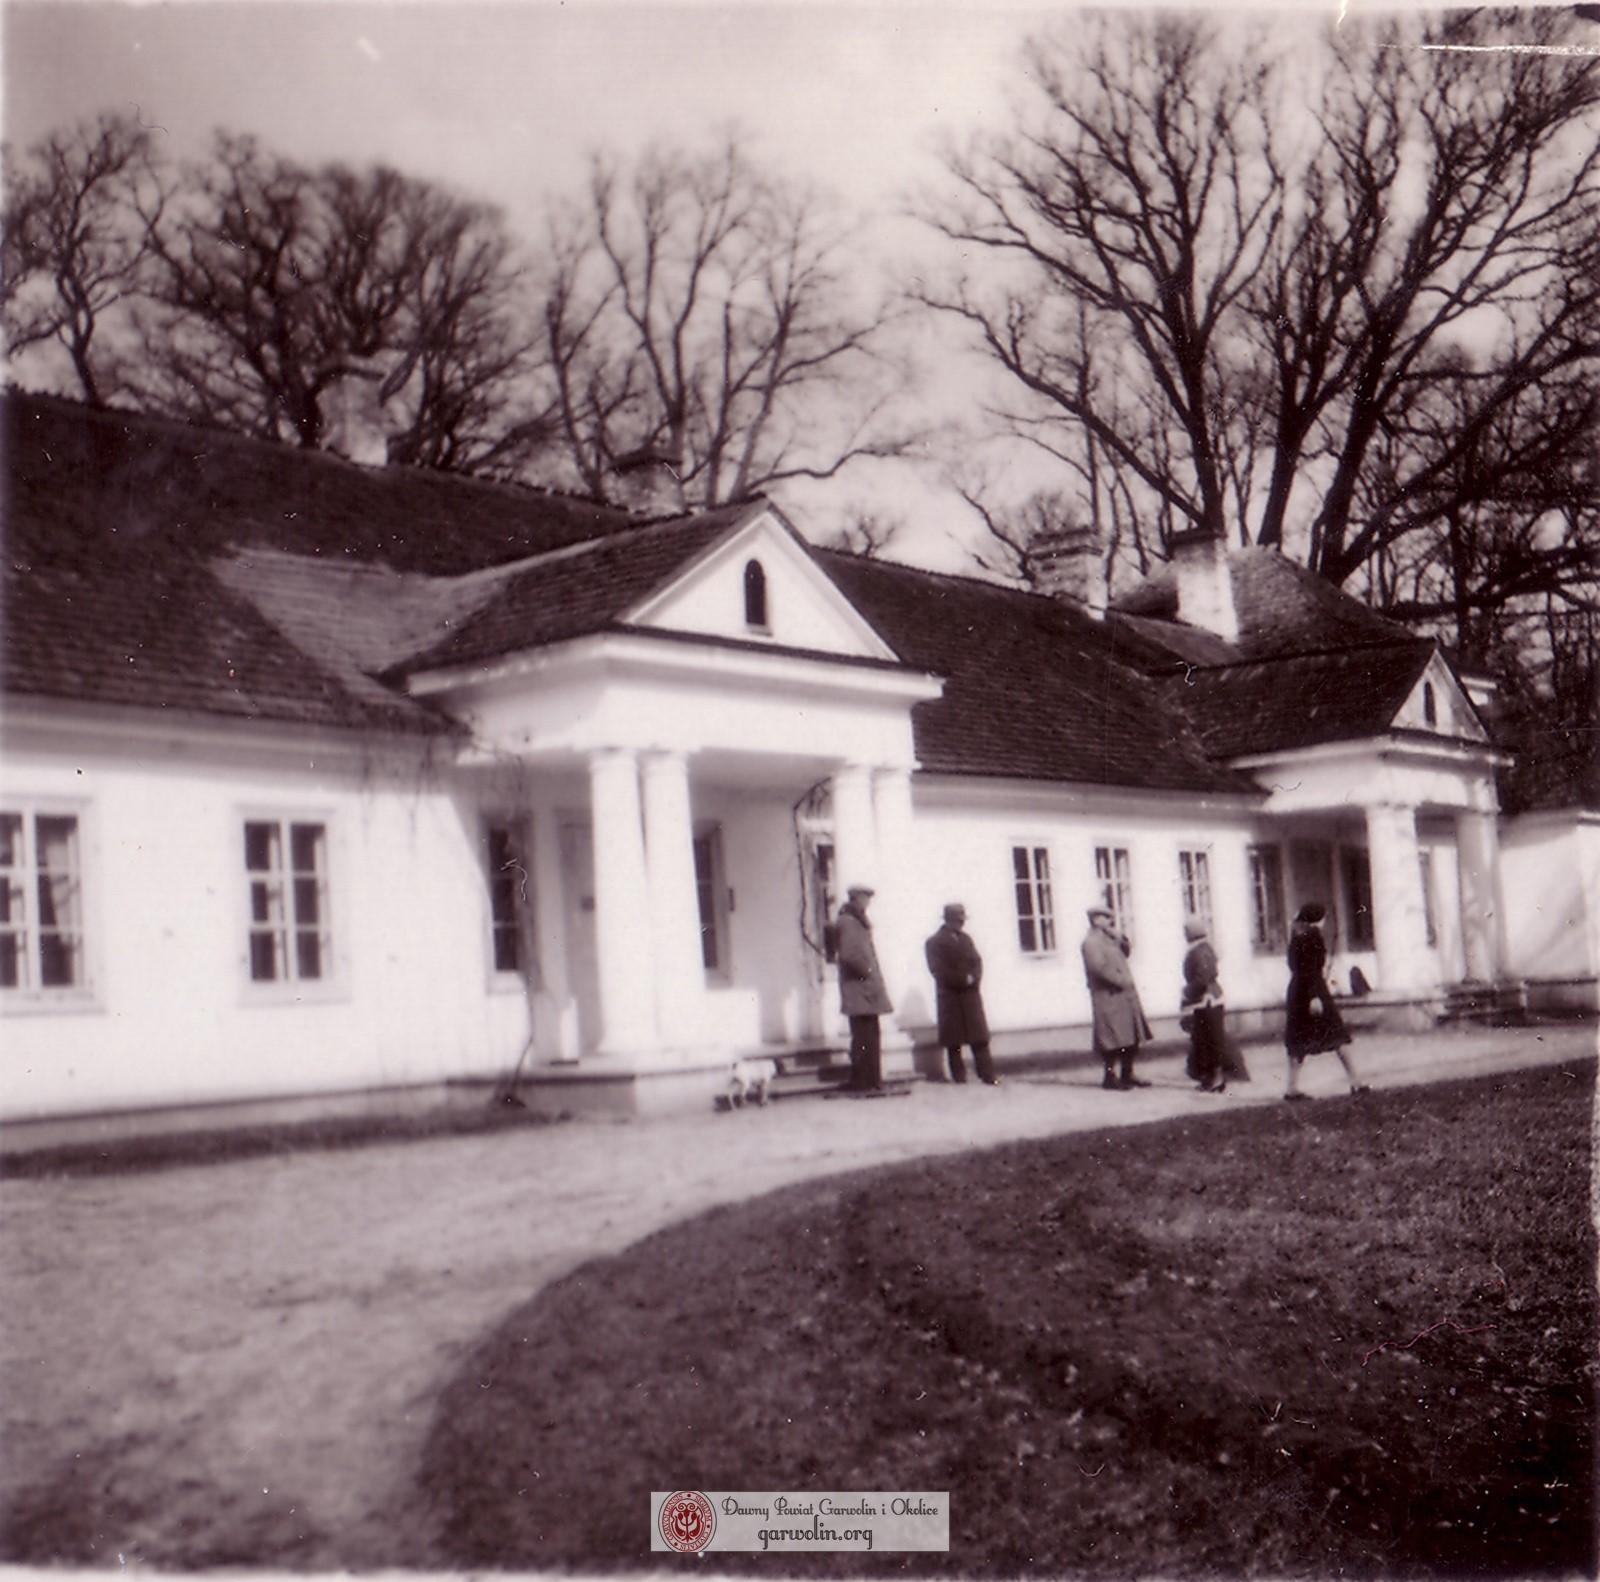 Szkoła Rolnicza w Miętnem - 1935 r.